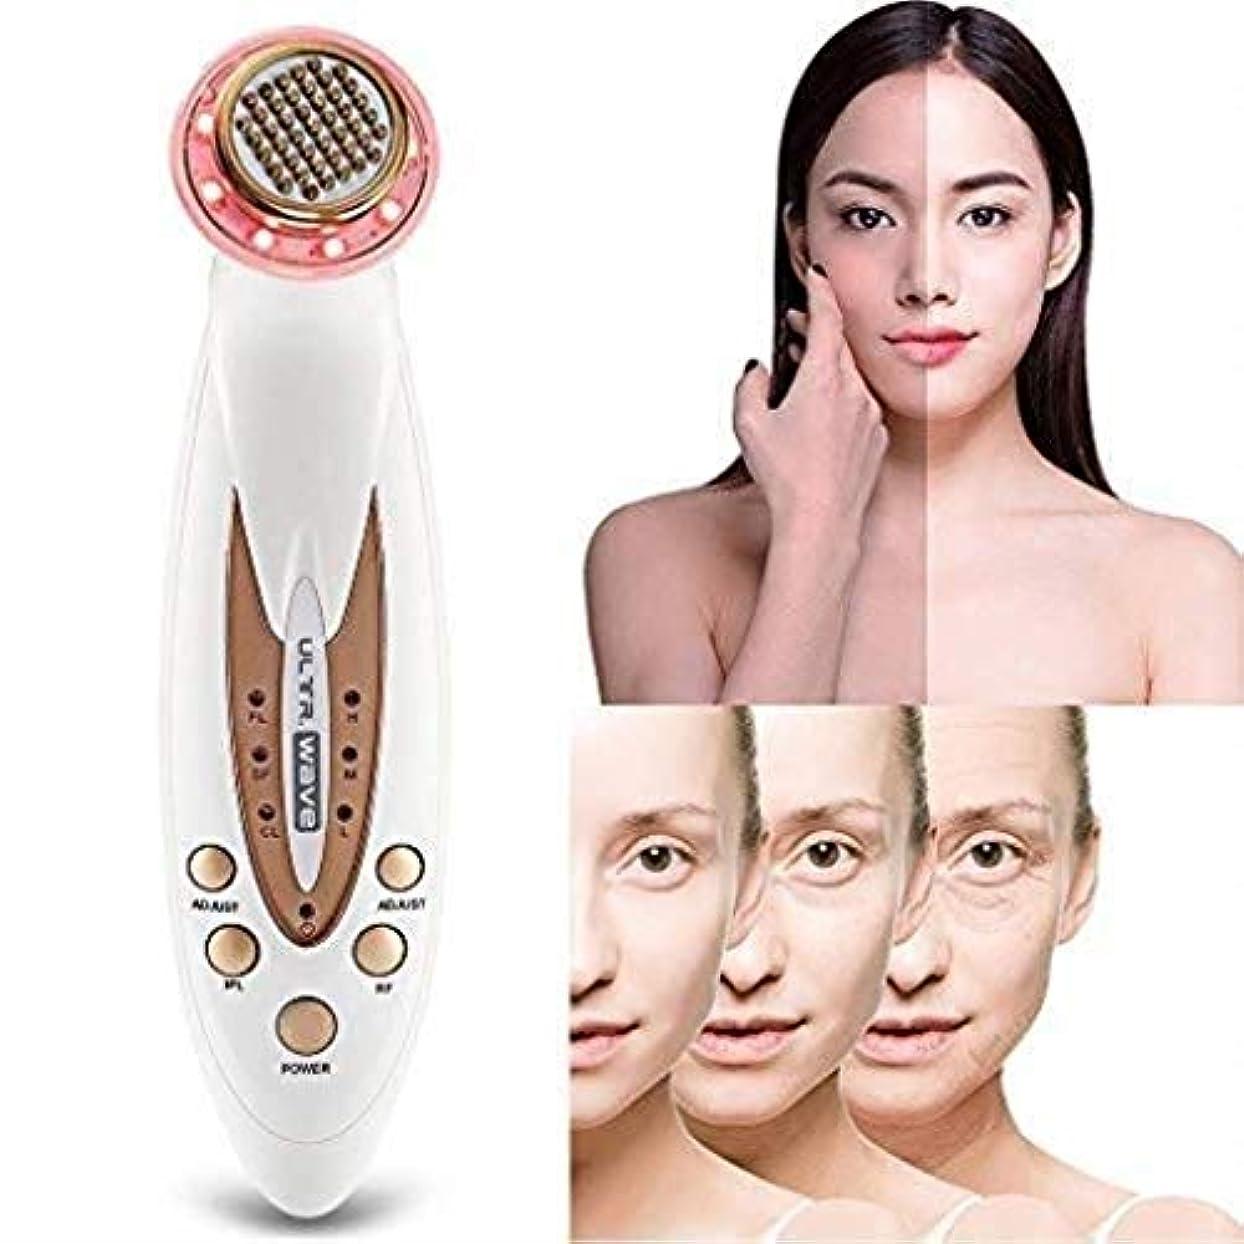 積極的にマージ暴行顔の美容マッサージ器、ポータブルアンチエイジング肌の若返りデバイス、しわ/アンチエイジング/ファーミングスキン